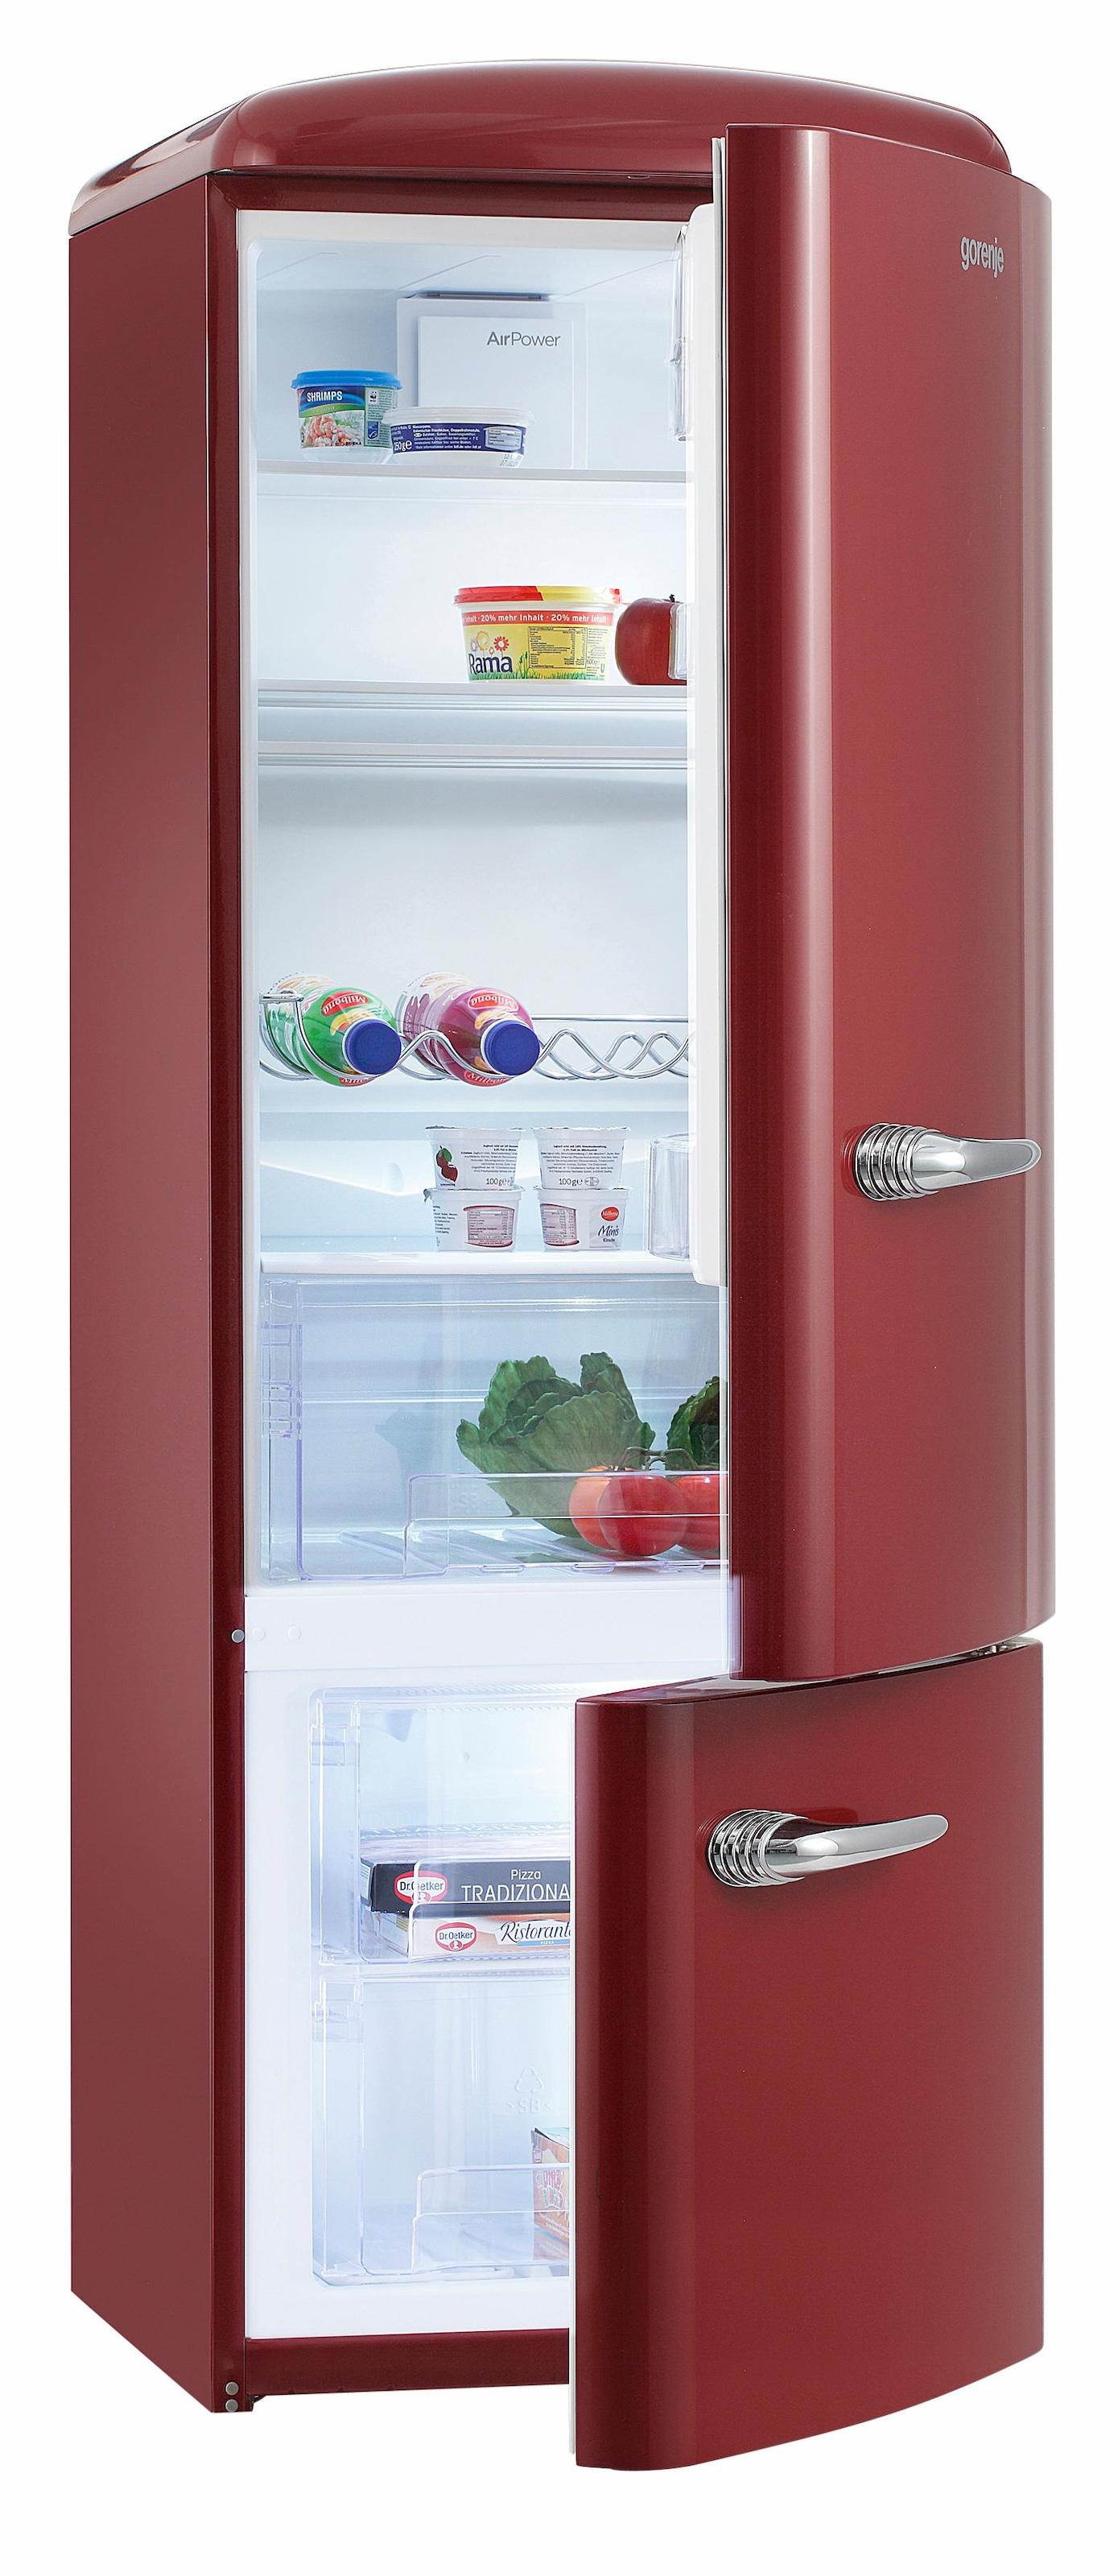 Amica Kühlschrank Retro Türkis : Retro kühlschränke auf rechnung raten kaufen baur